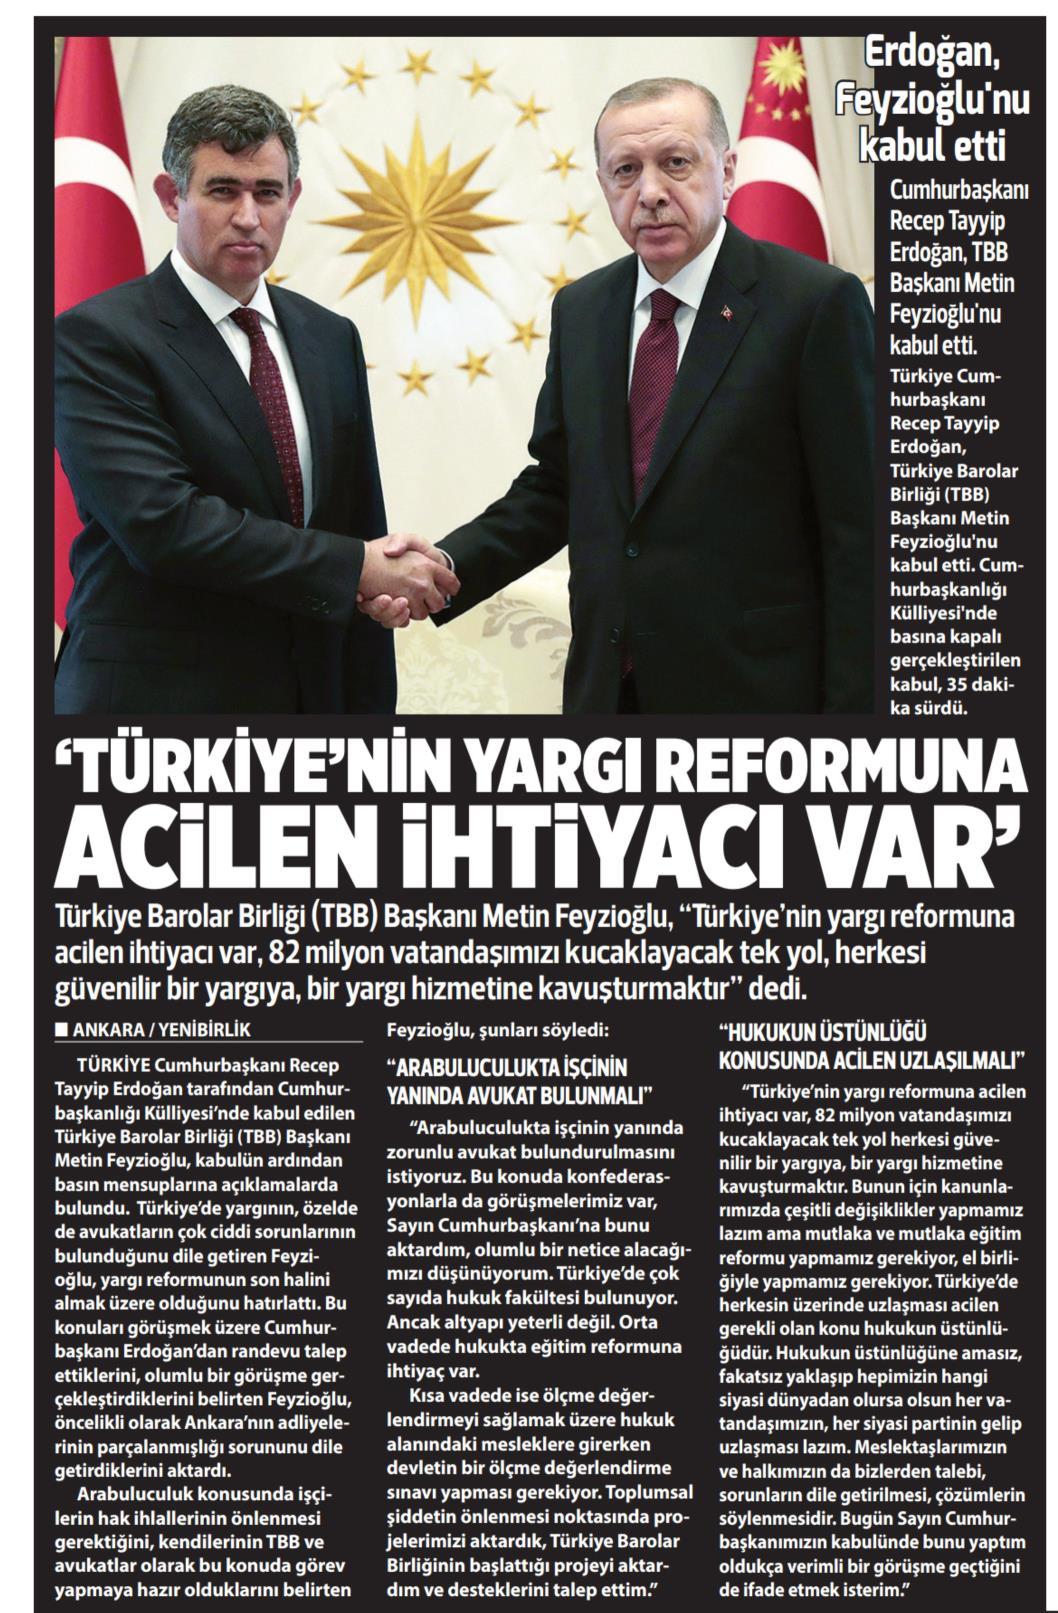 Yeni Birlik, ''Türkiye'nin yargı reformuna acilen ihtiyacı var''